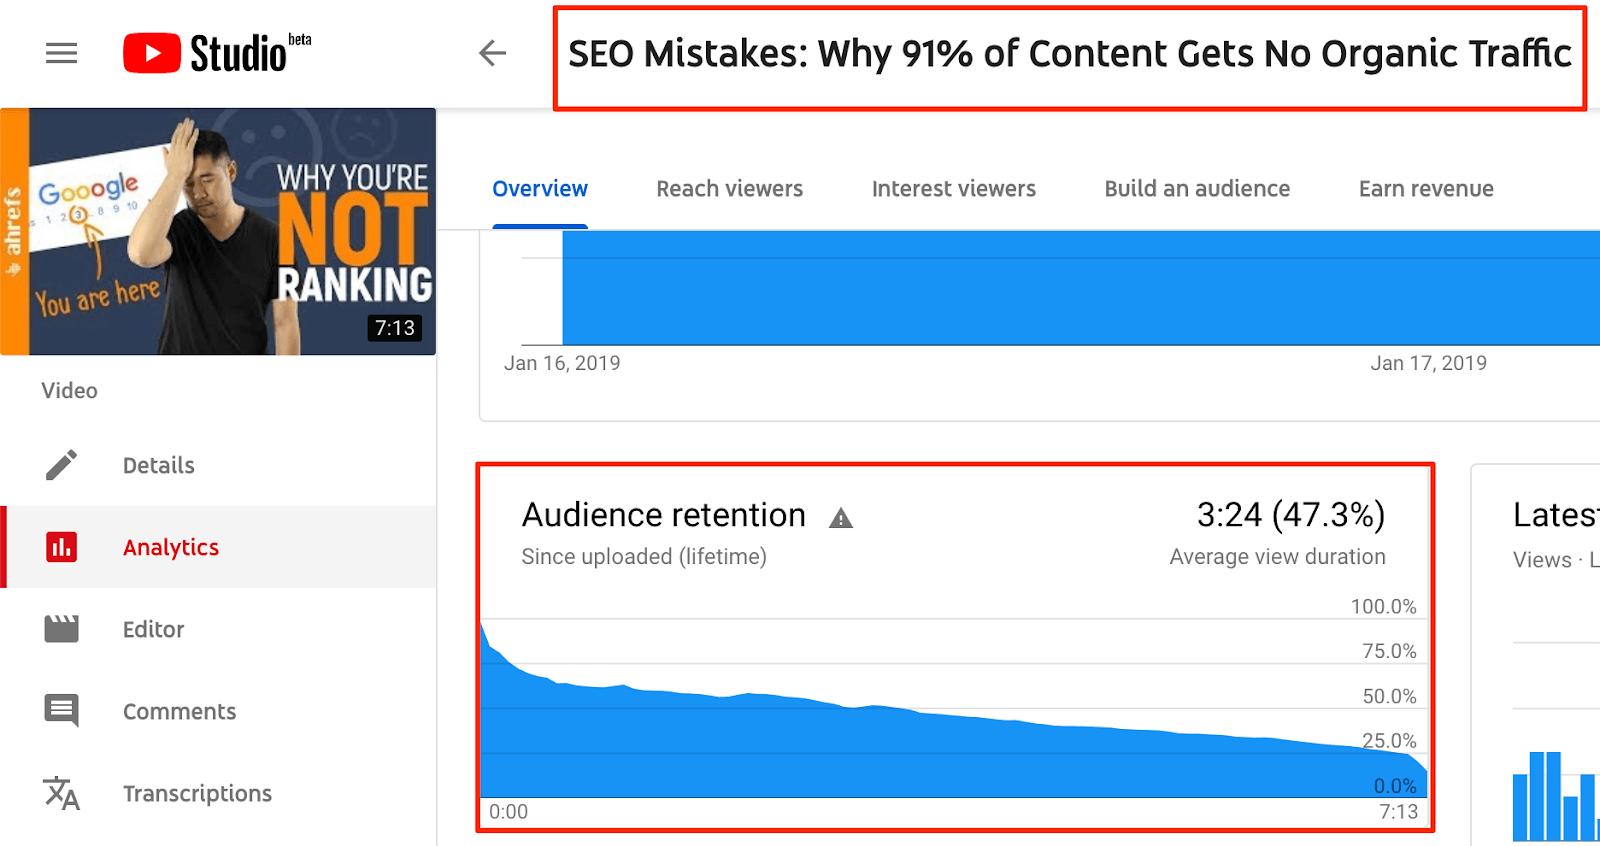 youtube studio audience retention